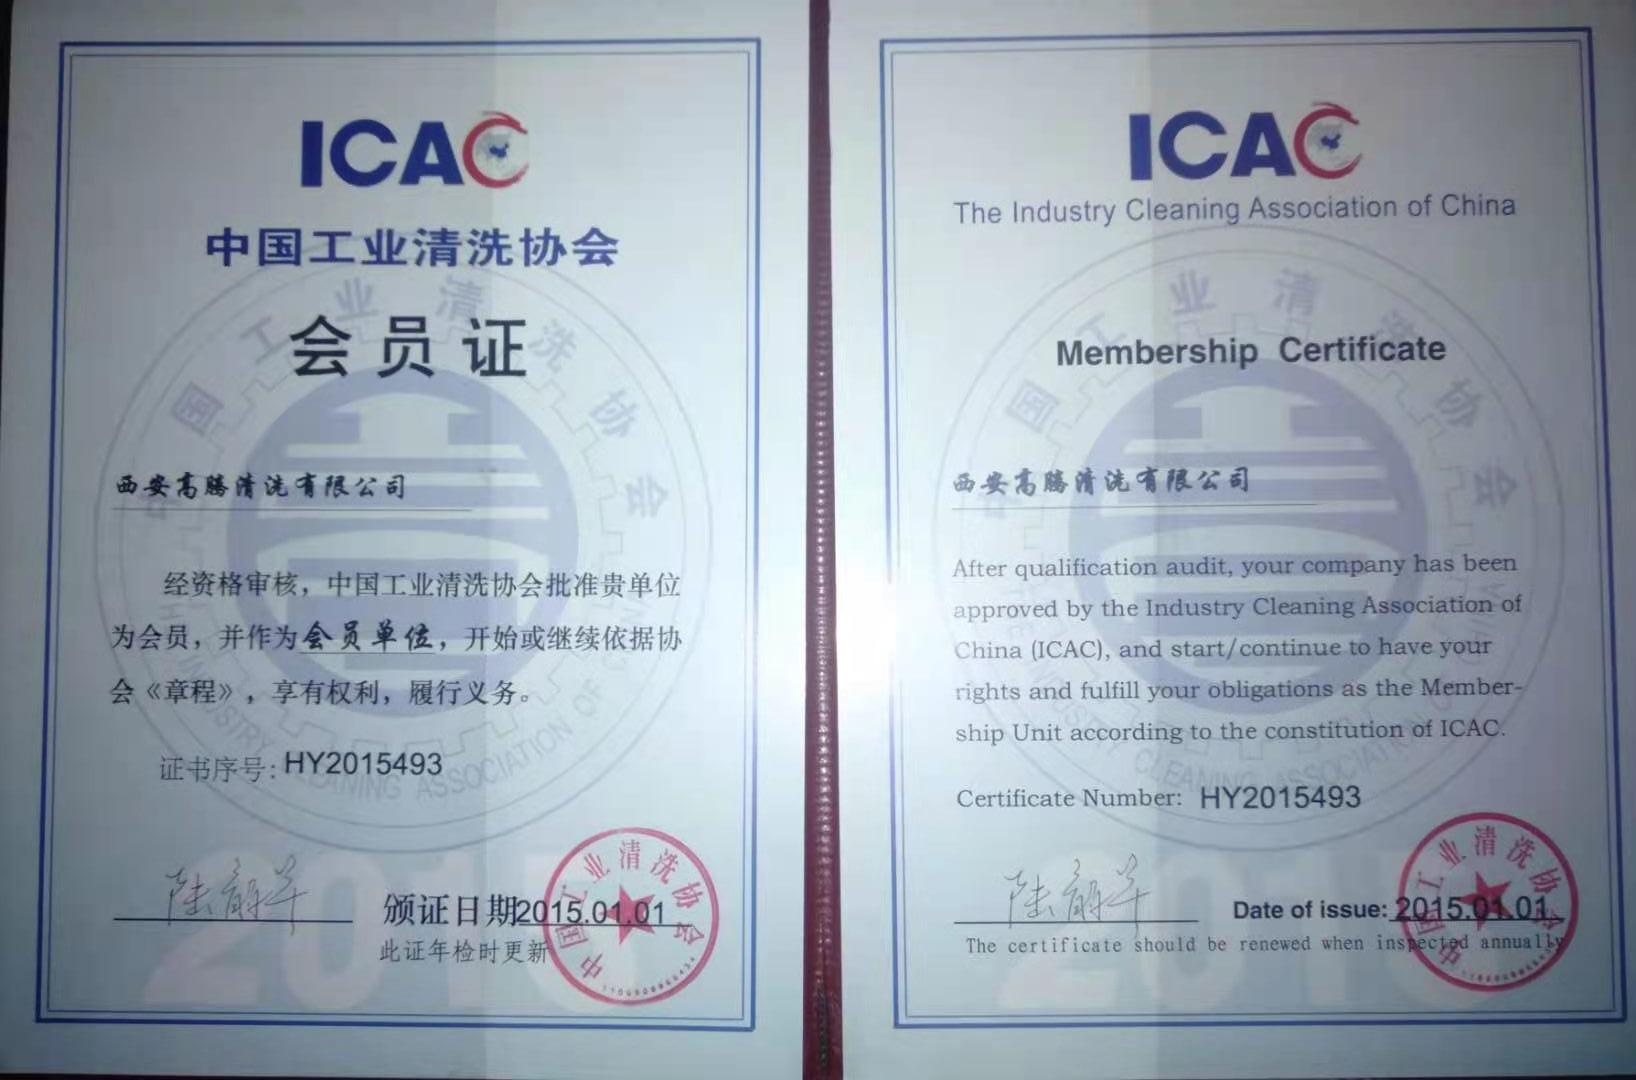 中国工业清洗协会